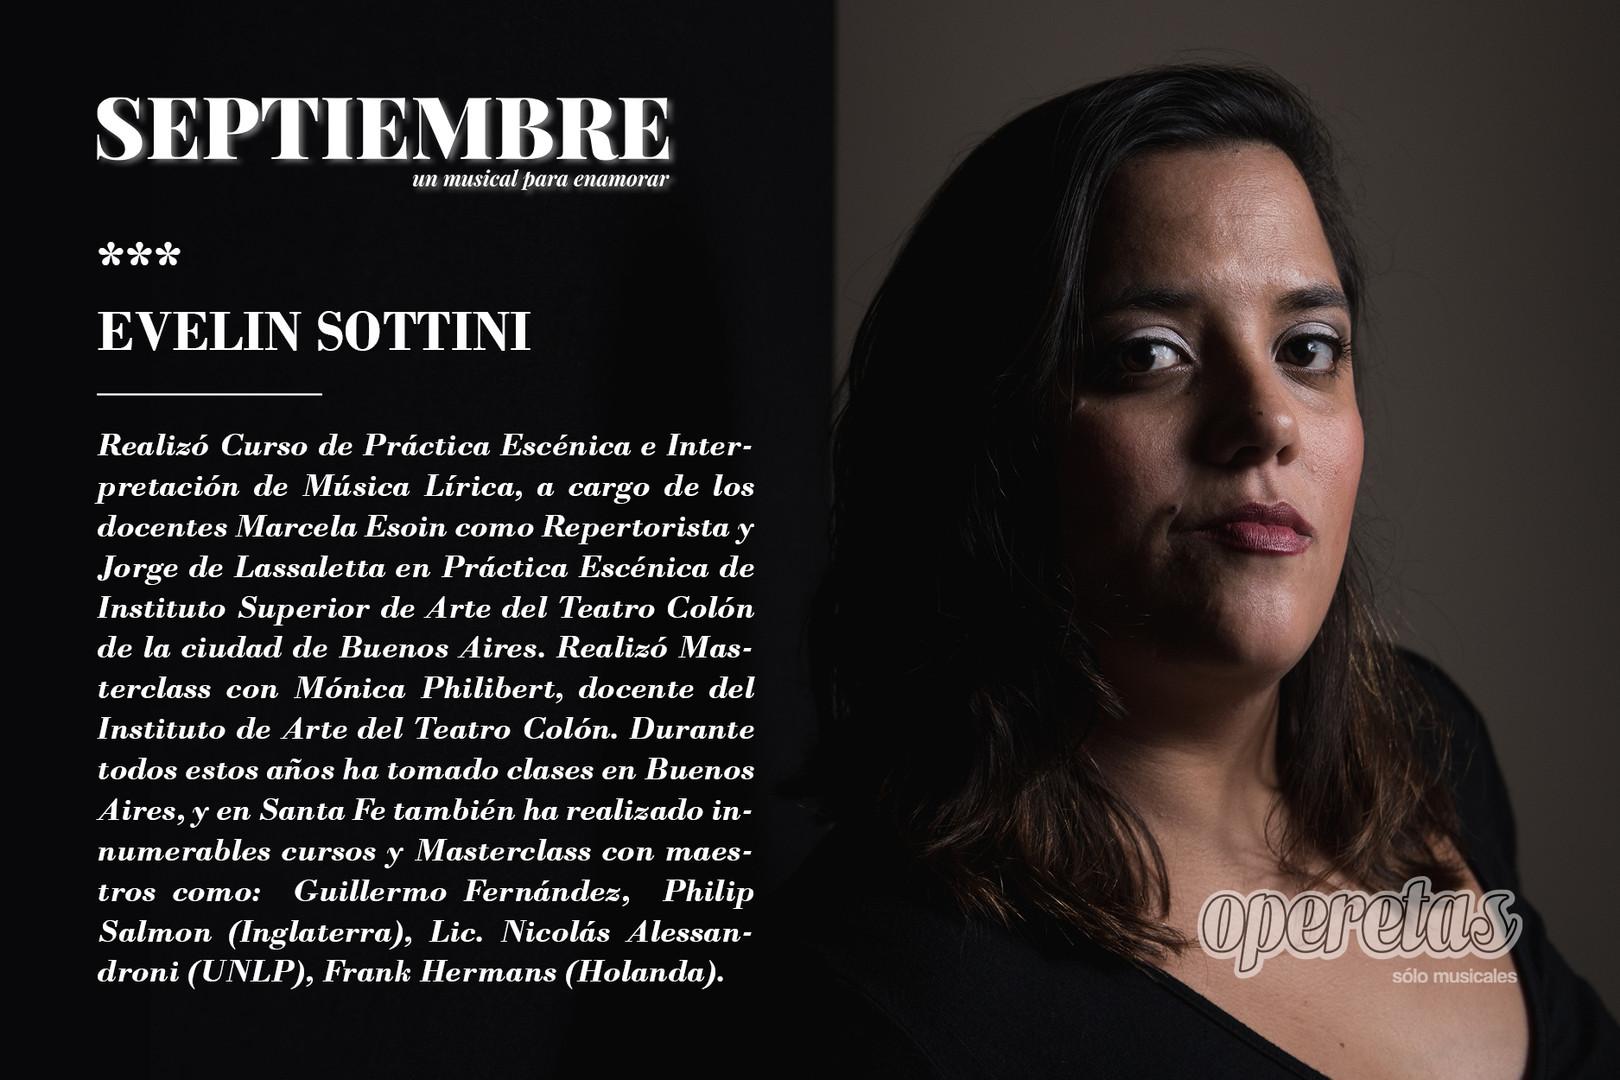 Evelin Sottini